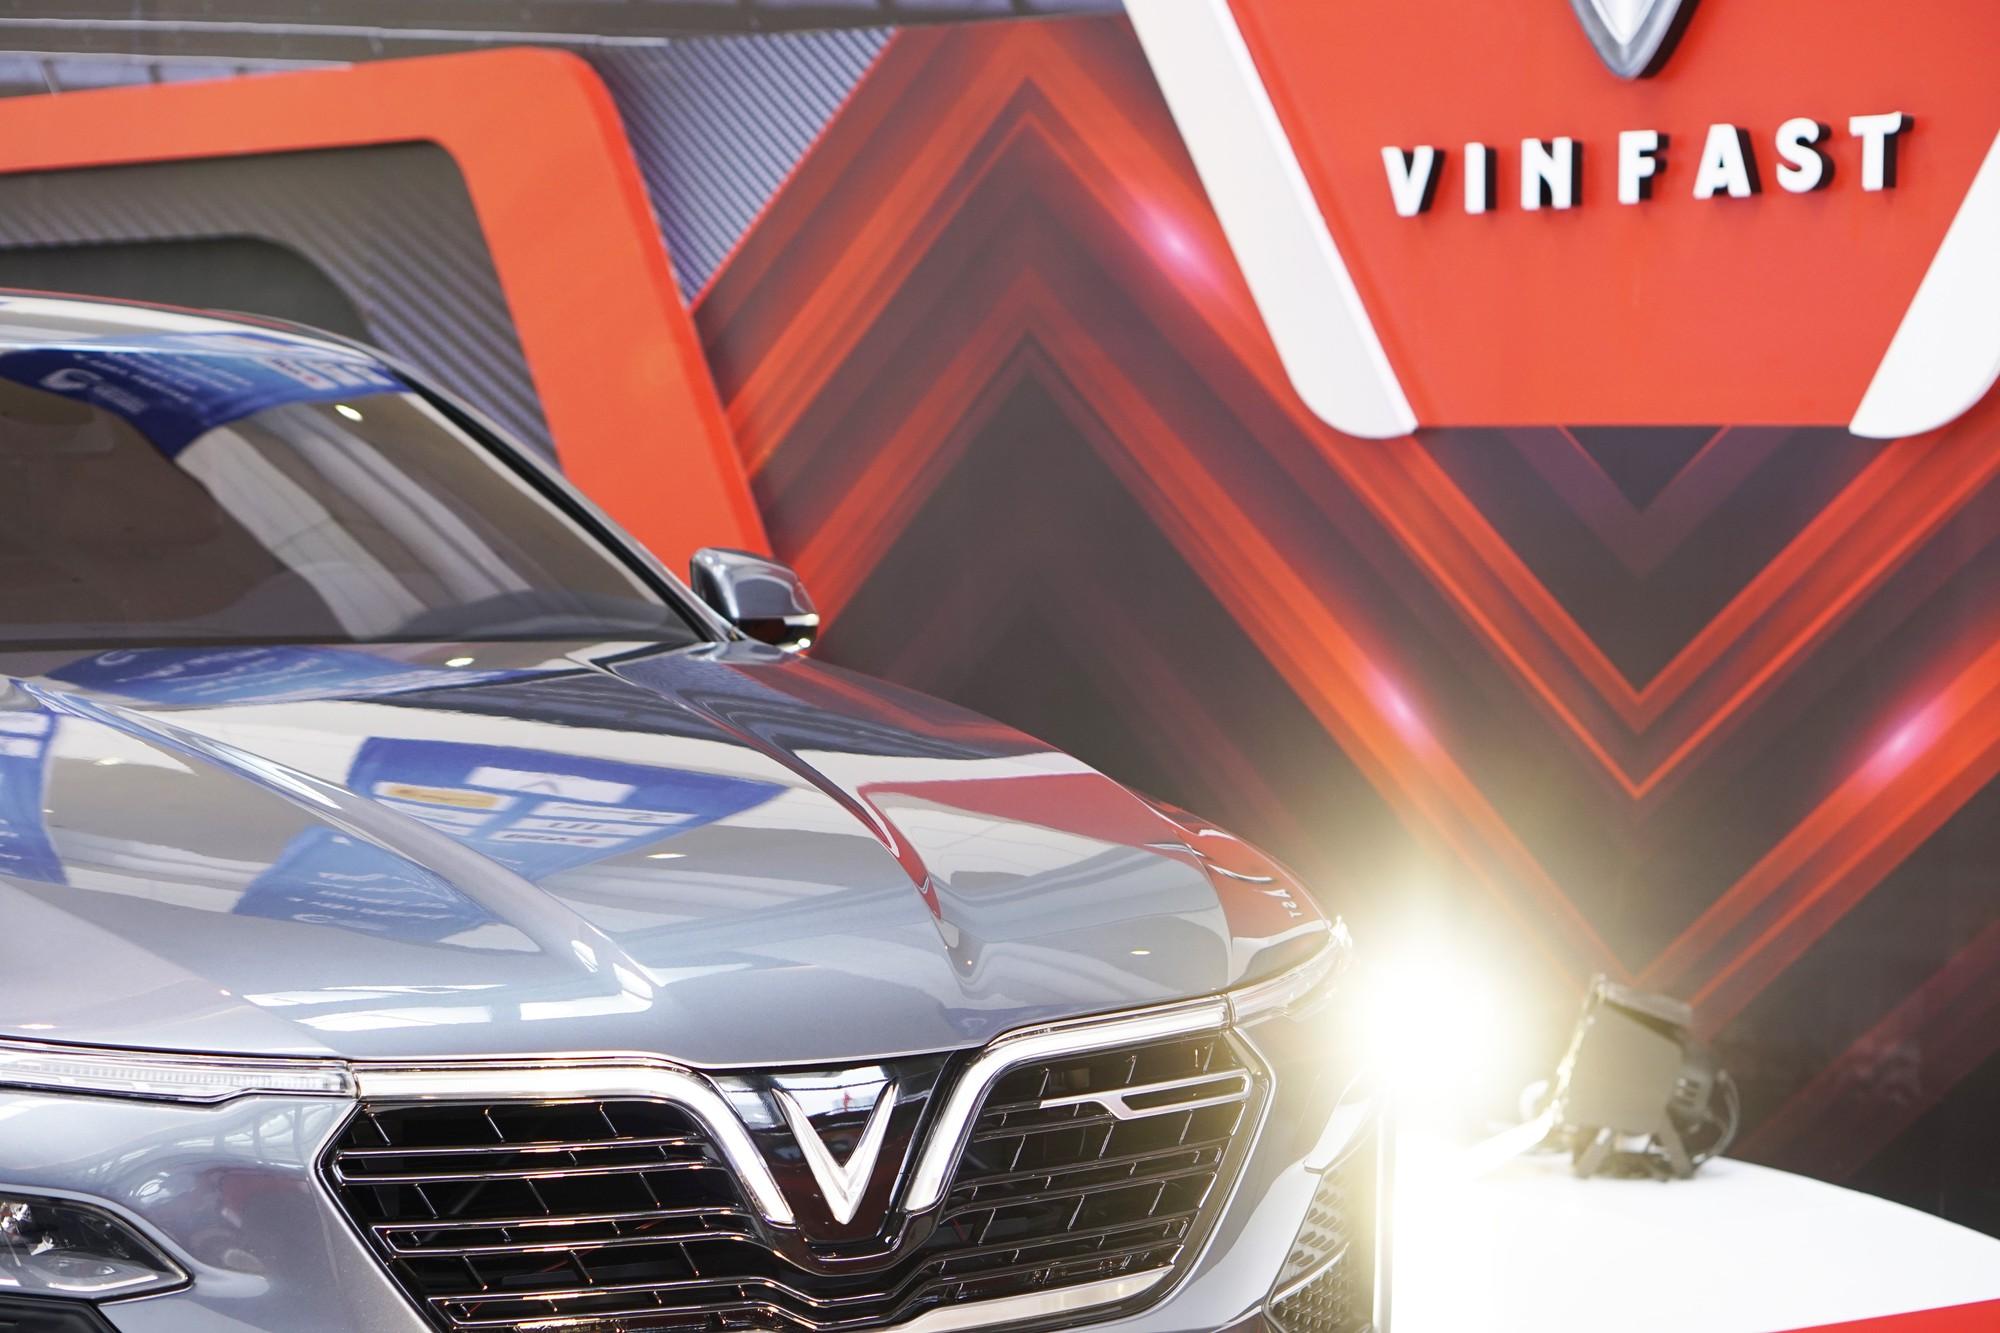 [Chùm ảnh] VinFast, Habeco, Vietcombank ... mang con cưng đến triển lãm thành tựu kinh tế tư nhân - Ảnh 3.